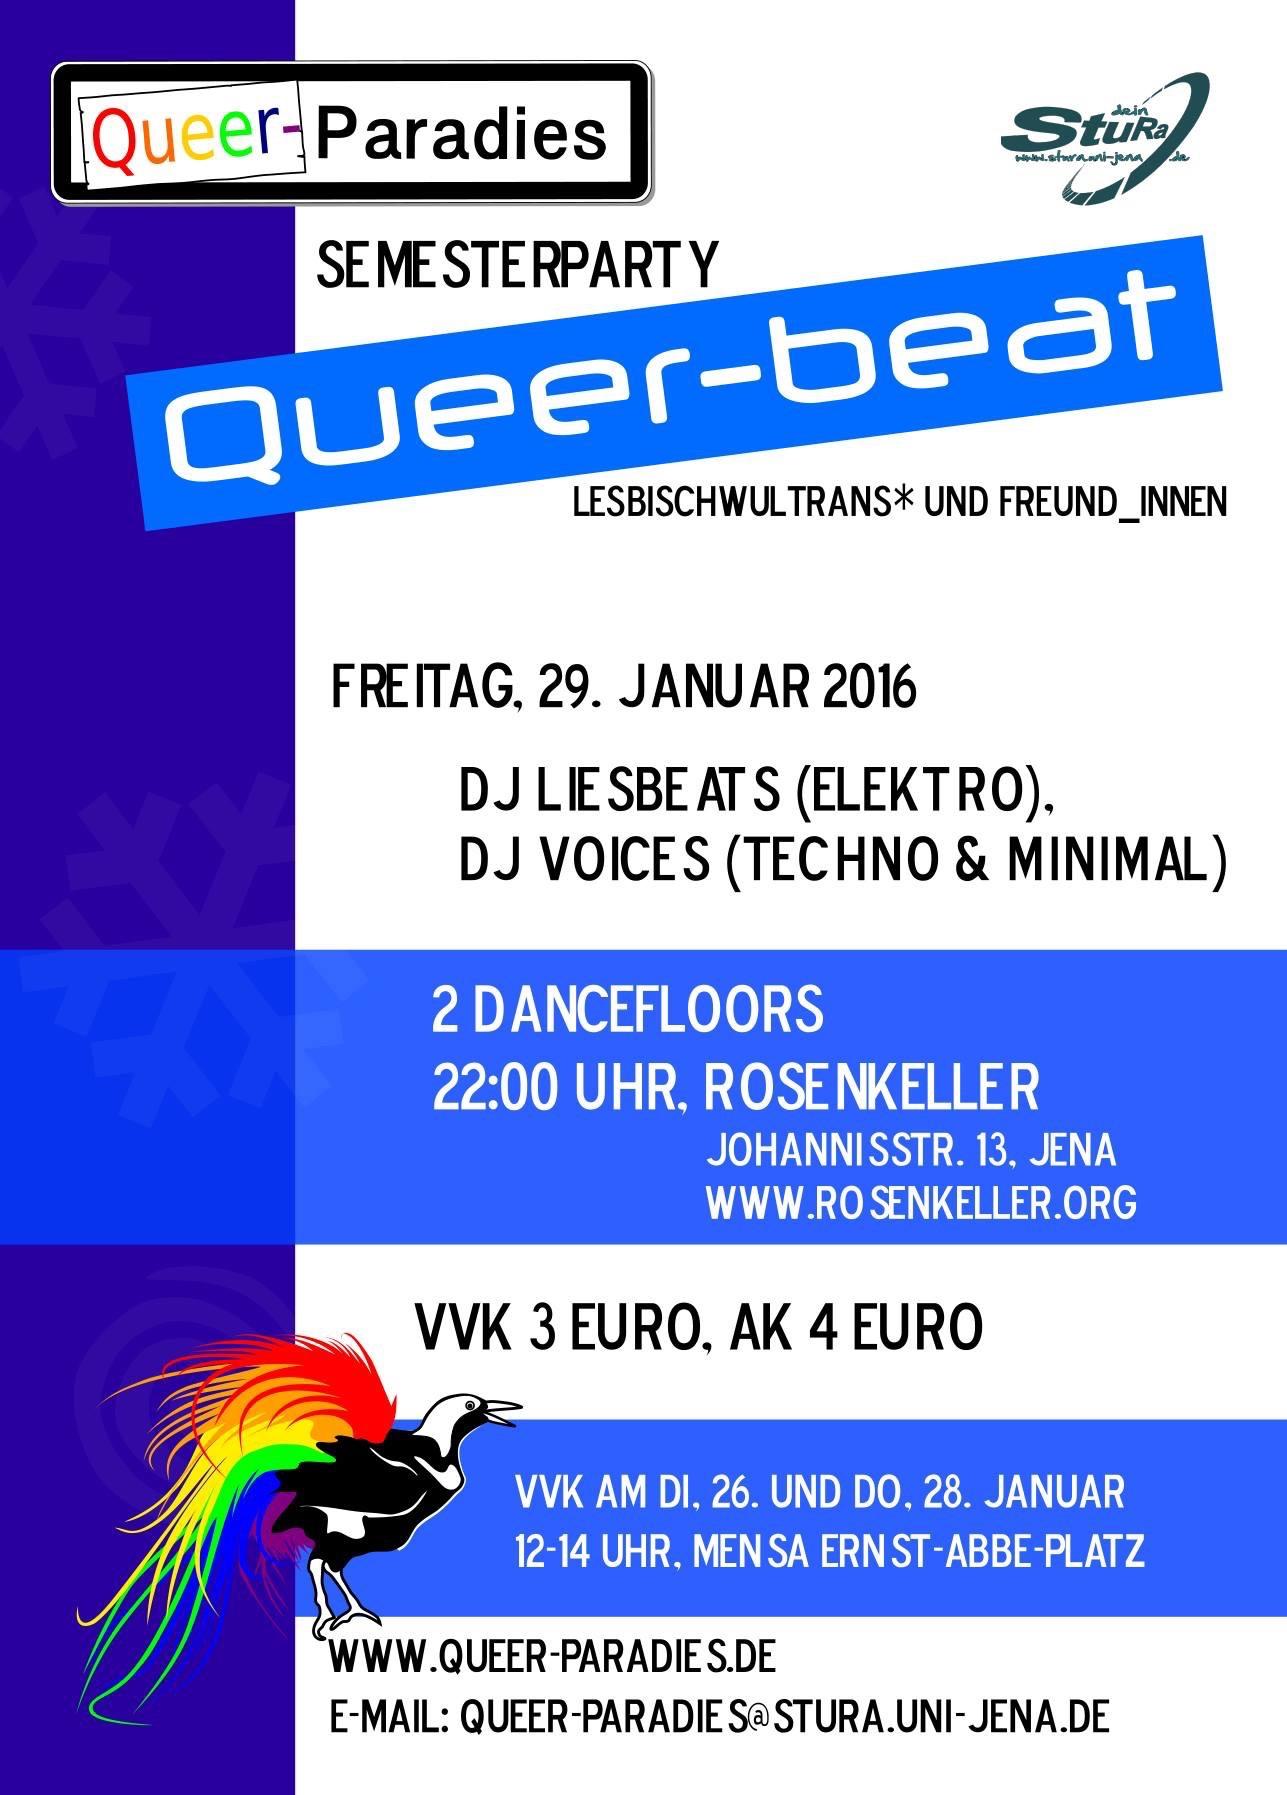 Qbeat 2015